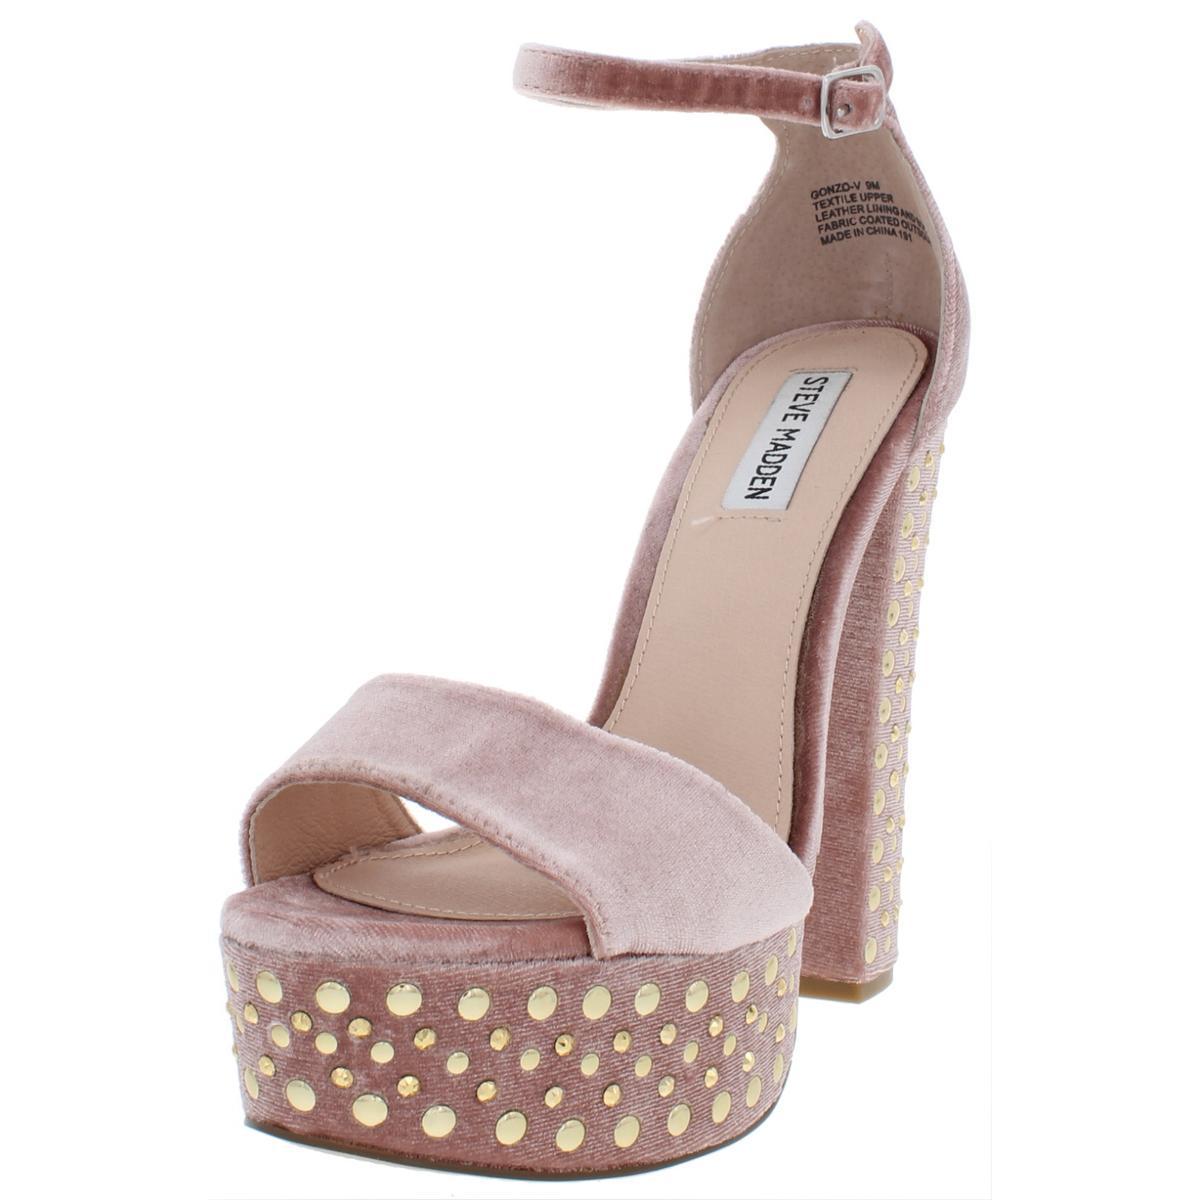 b7e18c2d53e Details about Steve Madden Womens Gonzo Pink Dress Sandals Shoes 9 Medium  (B,M) BHFO 8499